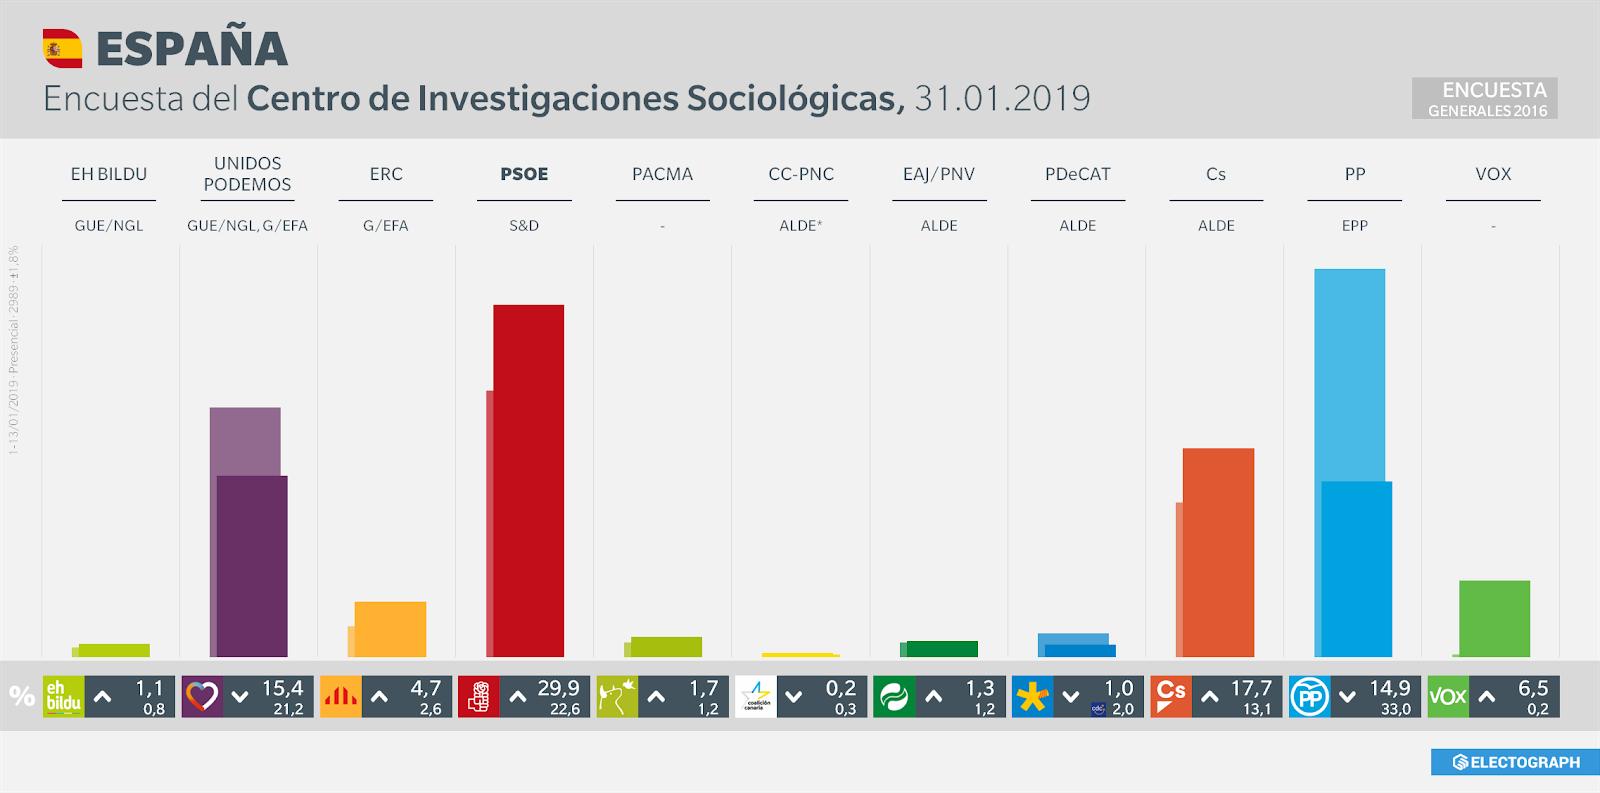 Gráfico de la encuesta para elecciones generales en España realizada por el CIS, 31 de enero de 2019